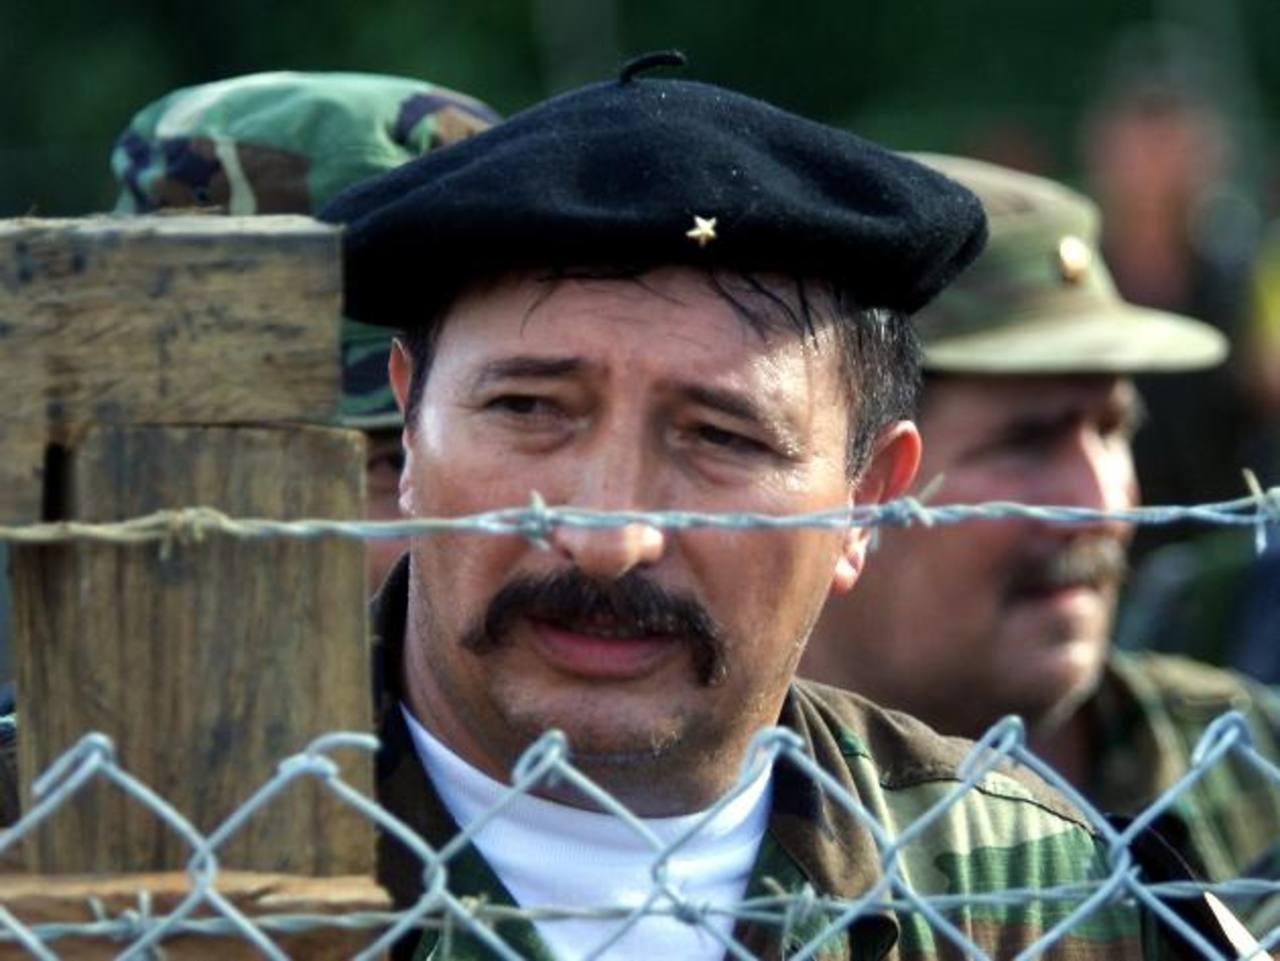 El Mono Jojoy, también conocido con el alias de Jorge Briceño, fue muerto en un bombardeo de la fuerza pública en septiembre de 2010. Foto/ Archivo